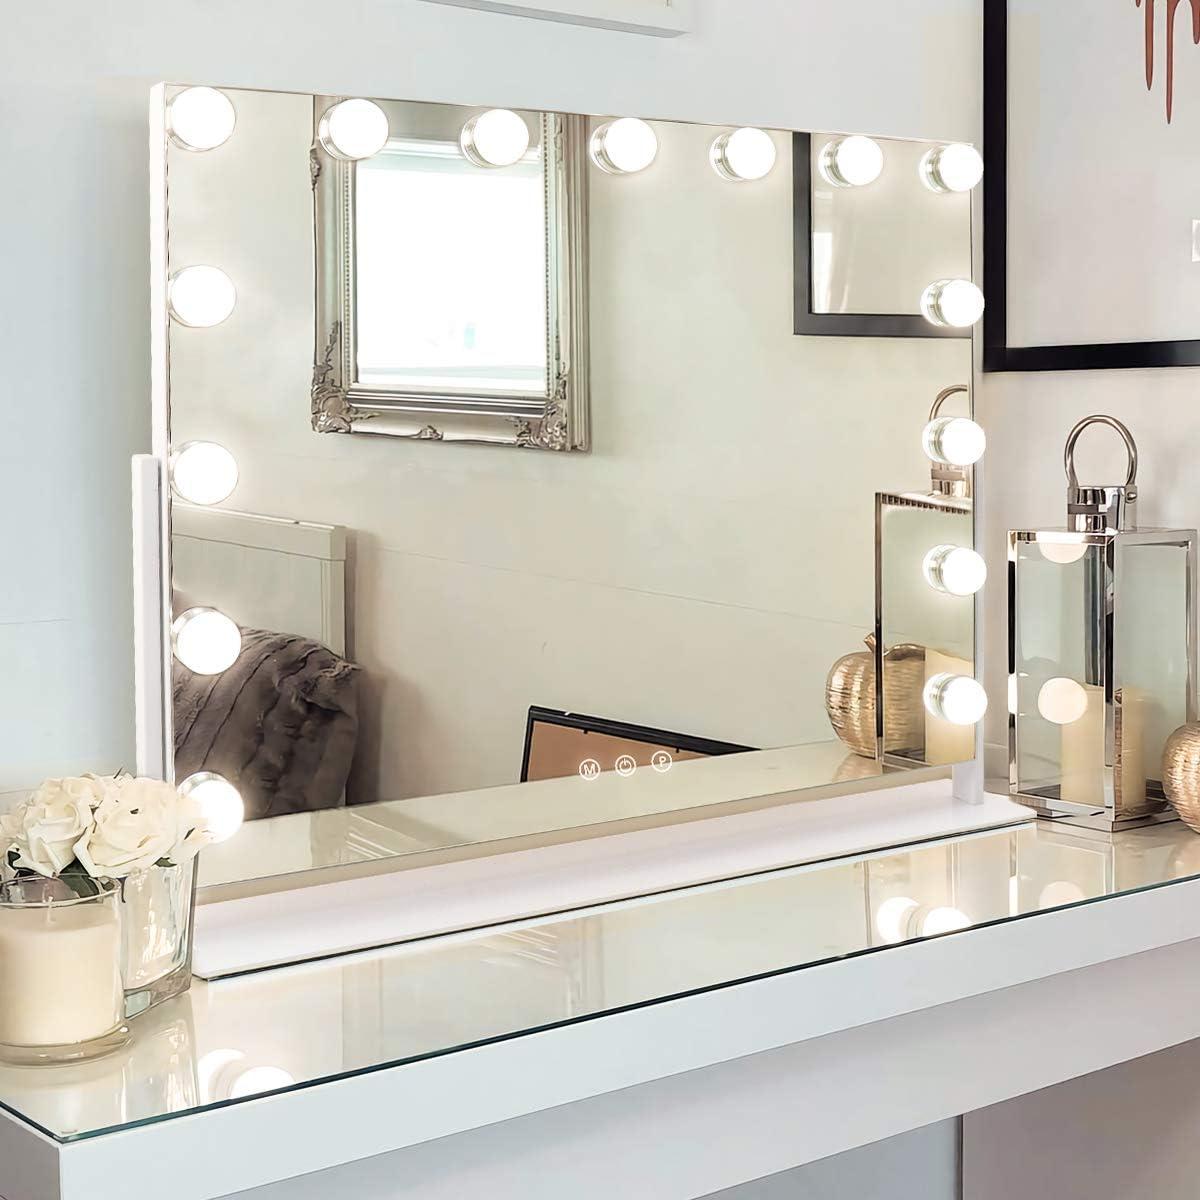 Misavanity Large Vanity Makeup Mirror